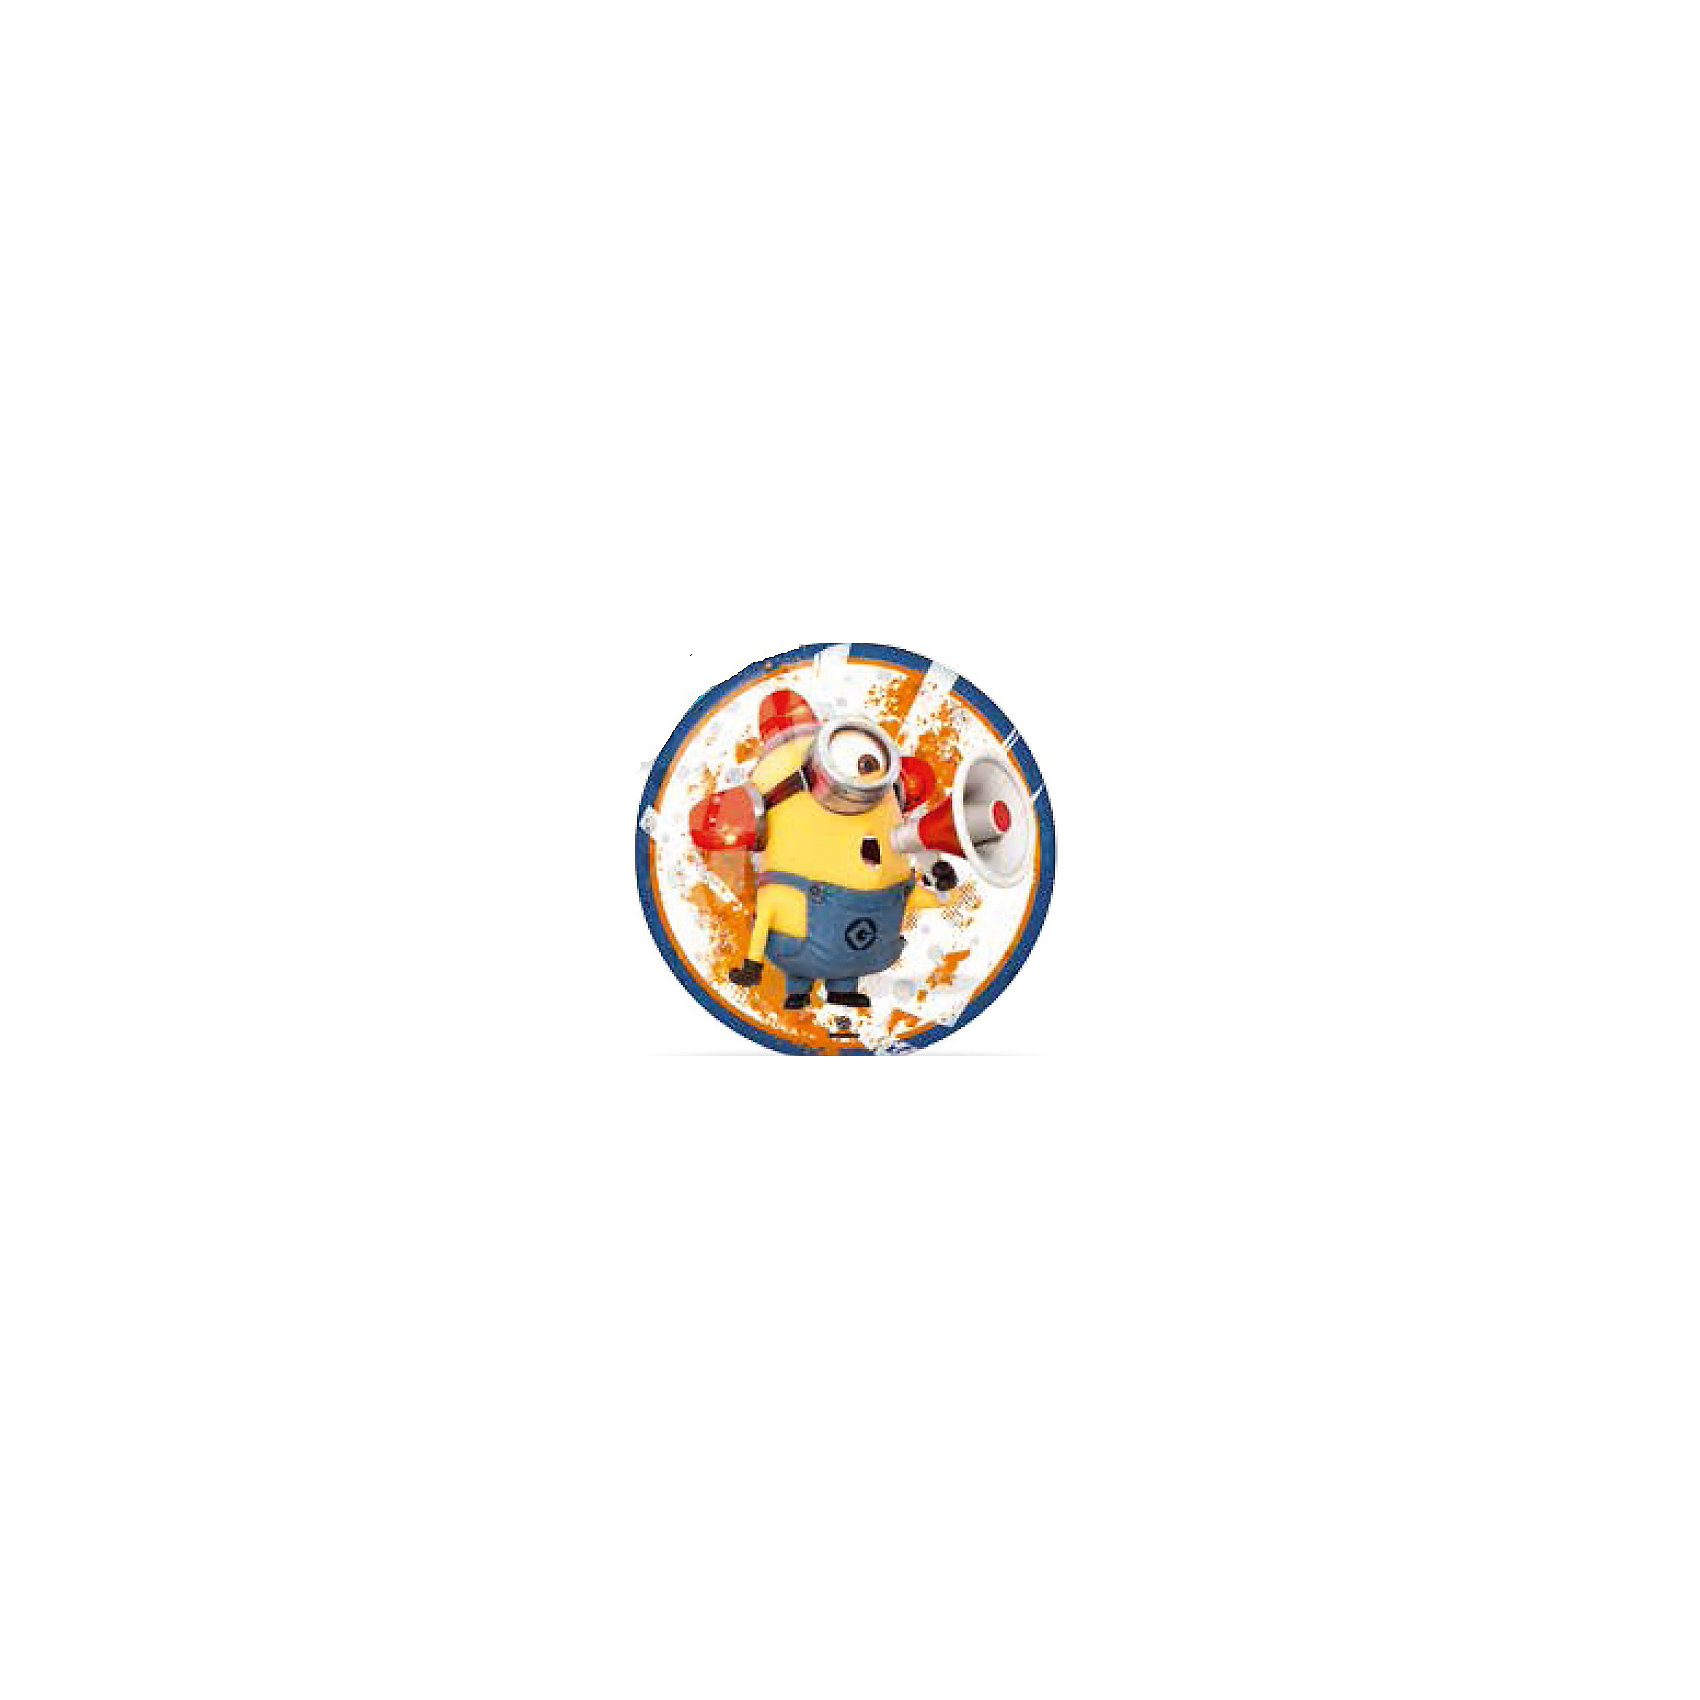 Мяч Гадкий Я- 2, 14 см,  MondoКрасивый, яркий мячик  с героями известного и любимого всеми мультфильма приведет в восторг любого ребенка. Он выполнен из высококачественной прочной резины, при нанесении изображения использованы безопасные для детей красители. Мячик имеет небольшой размер, поэтому, подходит  для игр с самыми маленькими детьми. Игра в мяч развивает координацию движений, моторику рук и ног, стимулирует детей к физической активности и просто приносит множество улыбок и веселых мгновений.<br><br>Дополнительная информация:<br><br>- Материал: резина.<br>- Цвет: жёлтый, голубой, белый.<br>- Рисунок Гадкий Я- 2<br>- Размер: 14 см. <br><br>Мяч Гадкий Я- 2, 14 см,  Mondo можно купить в нашем магазине.<br><br>Ширина мм: 140<br>Глубина мм: 140<br>Высота мм: 140<br>Вес г: 105<br>Возраст от месяцев: 36<br>Возраст до месяцев: 84<br>Пол: Унисекс<br>Возраст: Детский<br>SKU: 4042924